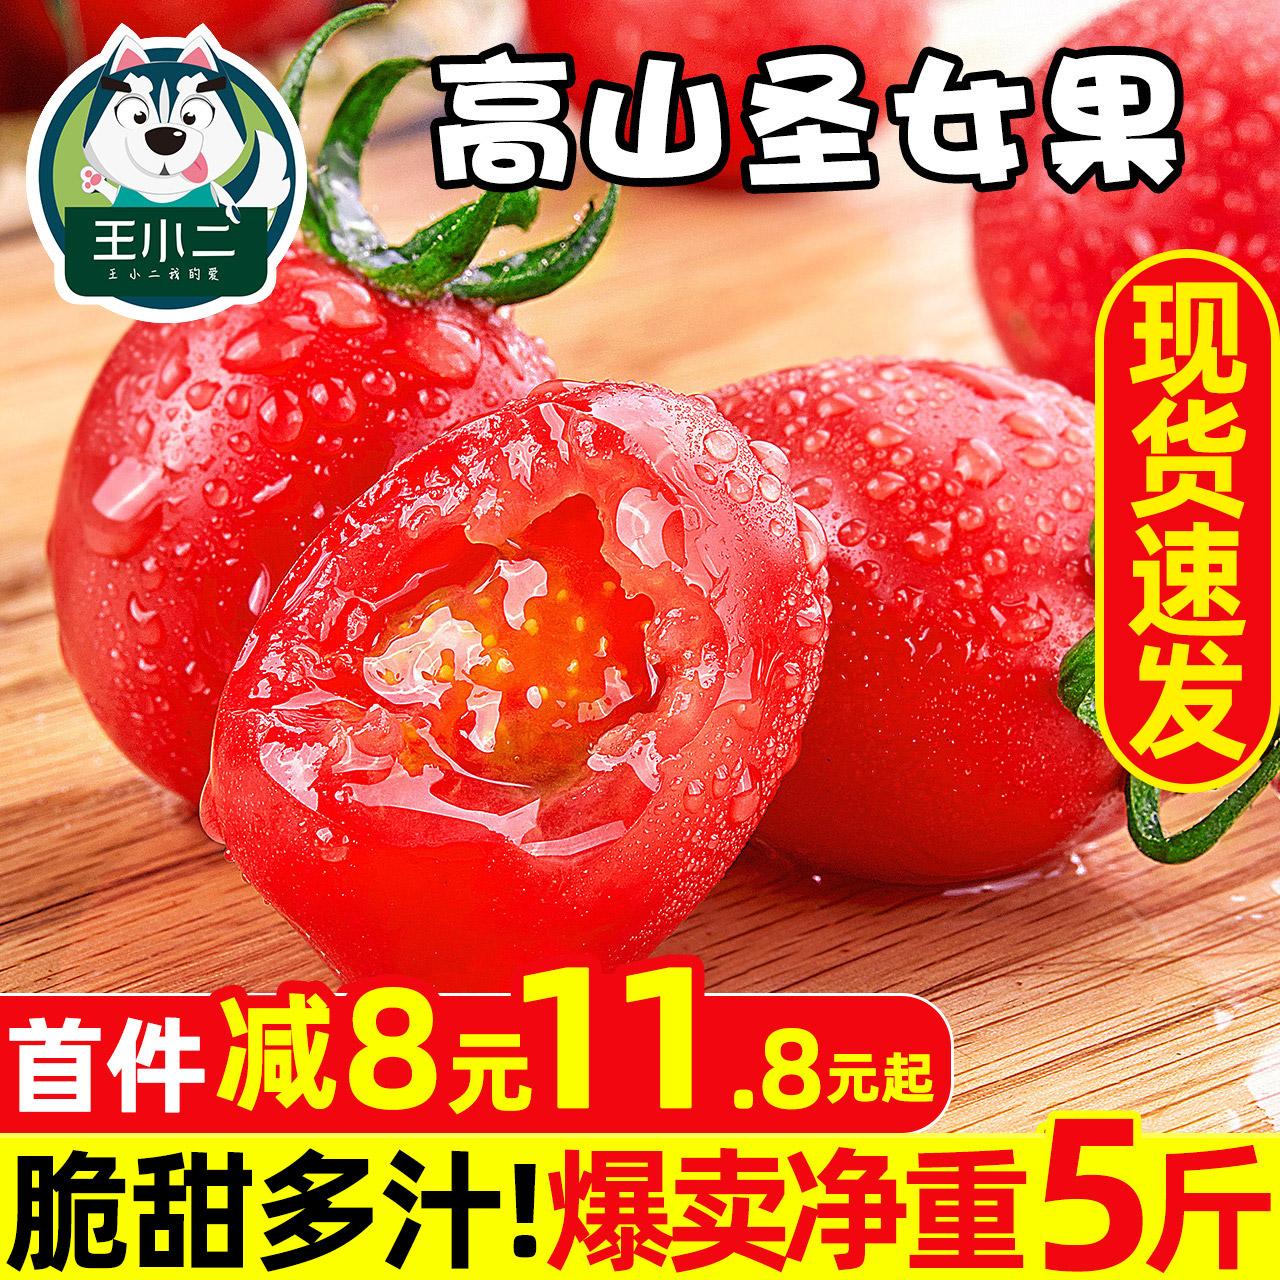 山东圣女果新鲜水果5斤自然熟西红柿子千禧果生吃小番茄蔬菜包邮